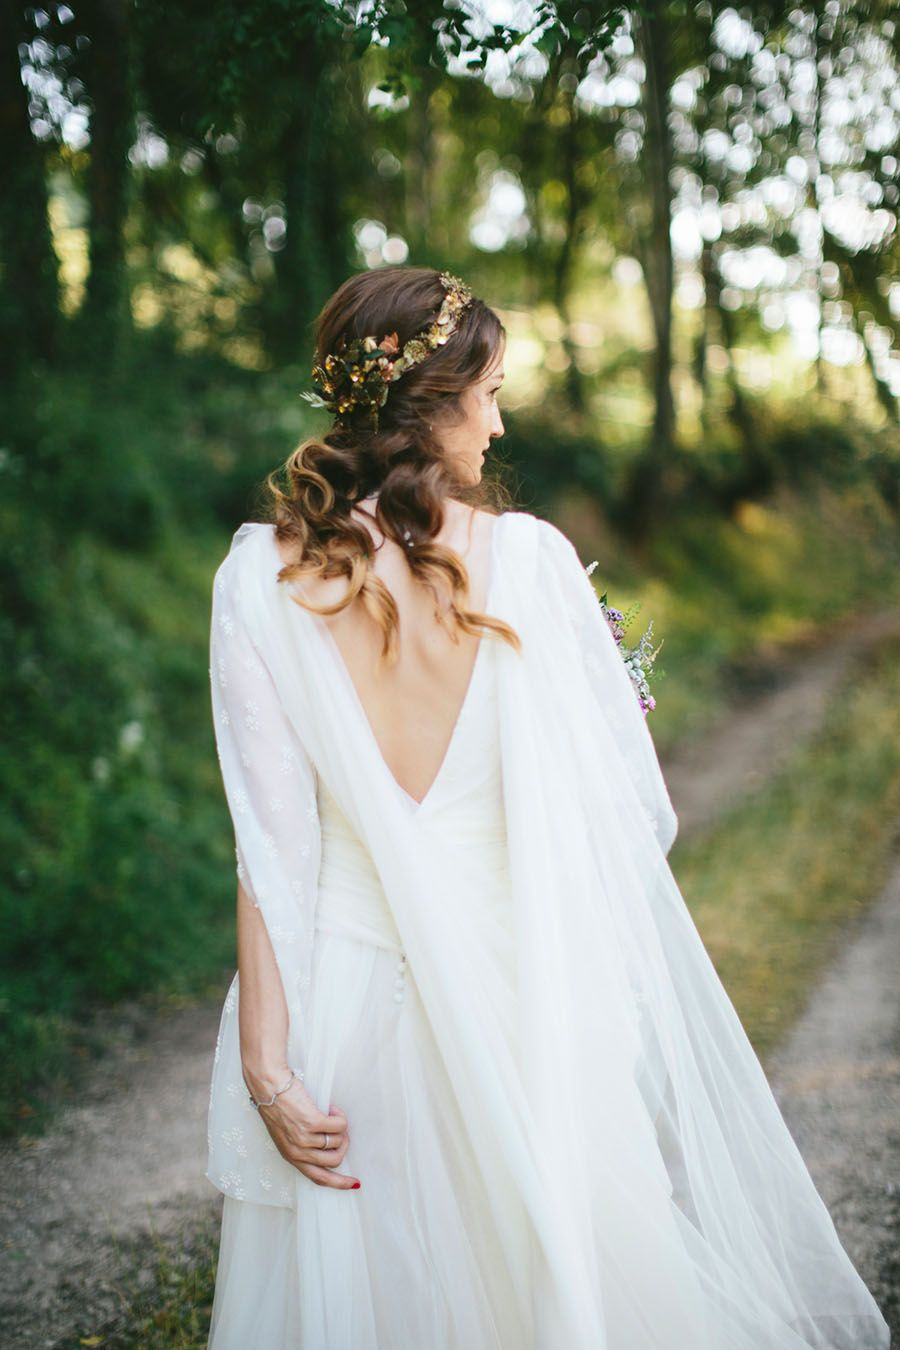 calista-one-lista-de-bodas-online-blog-de-bodas-inspiracion-bodas-m-2